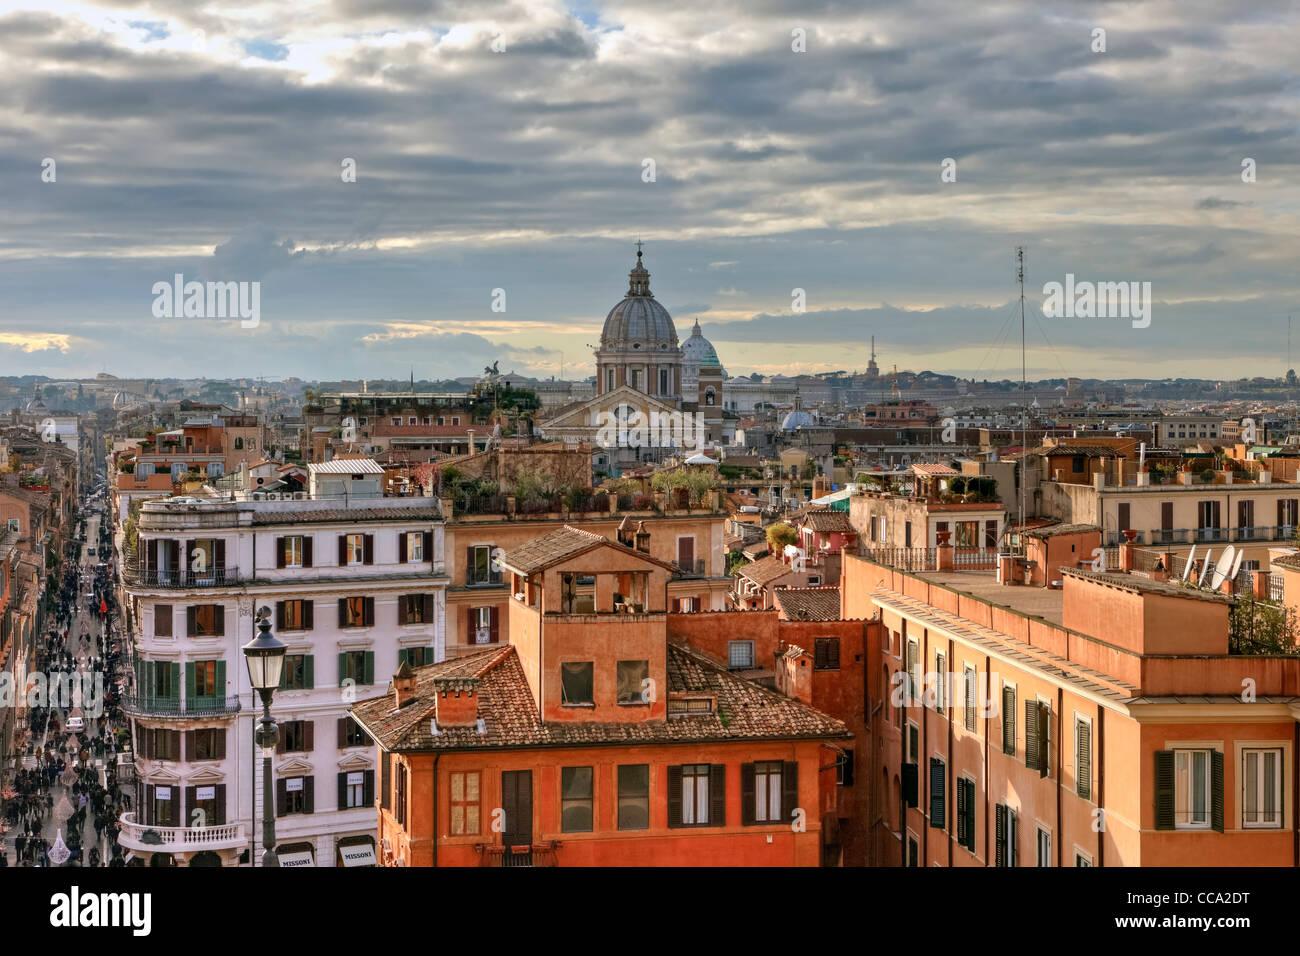 Sobre los tejados de Roma, vista desde la iglesia Trinita dei Monti, en el centro de la bulliciosa metrópolis Imagen De Stock